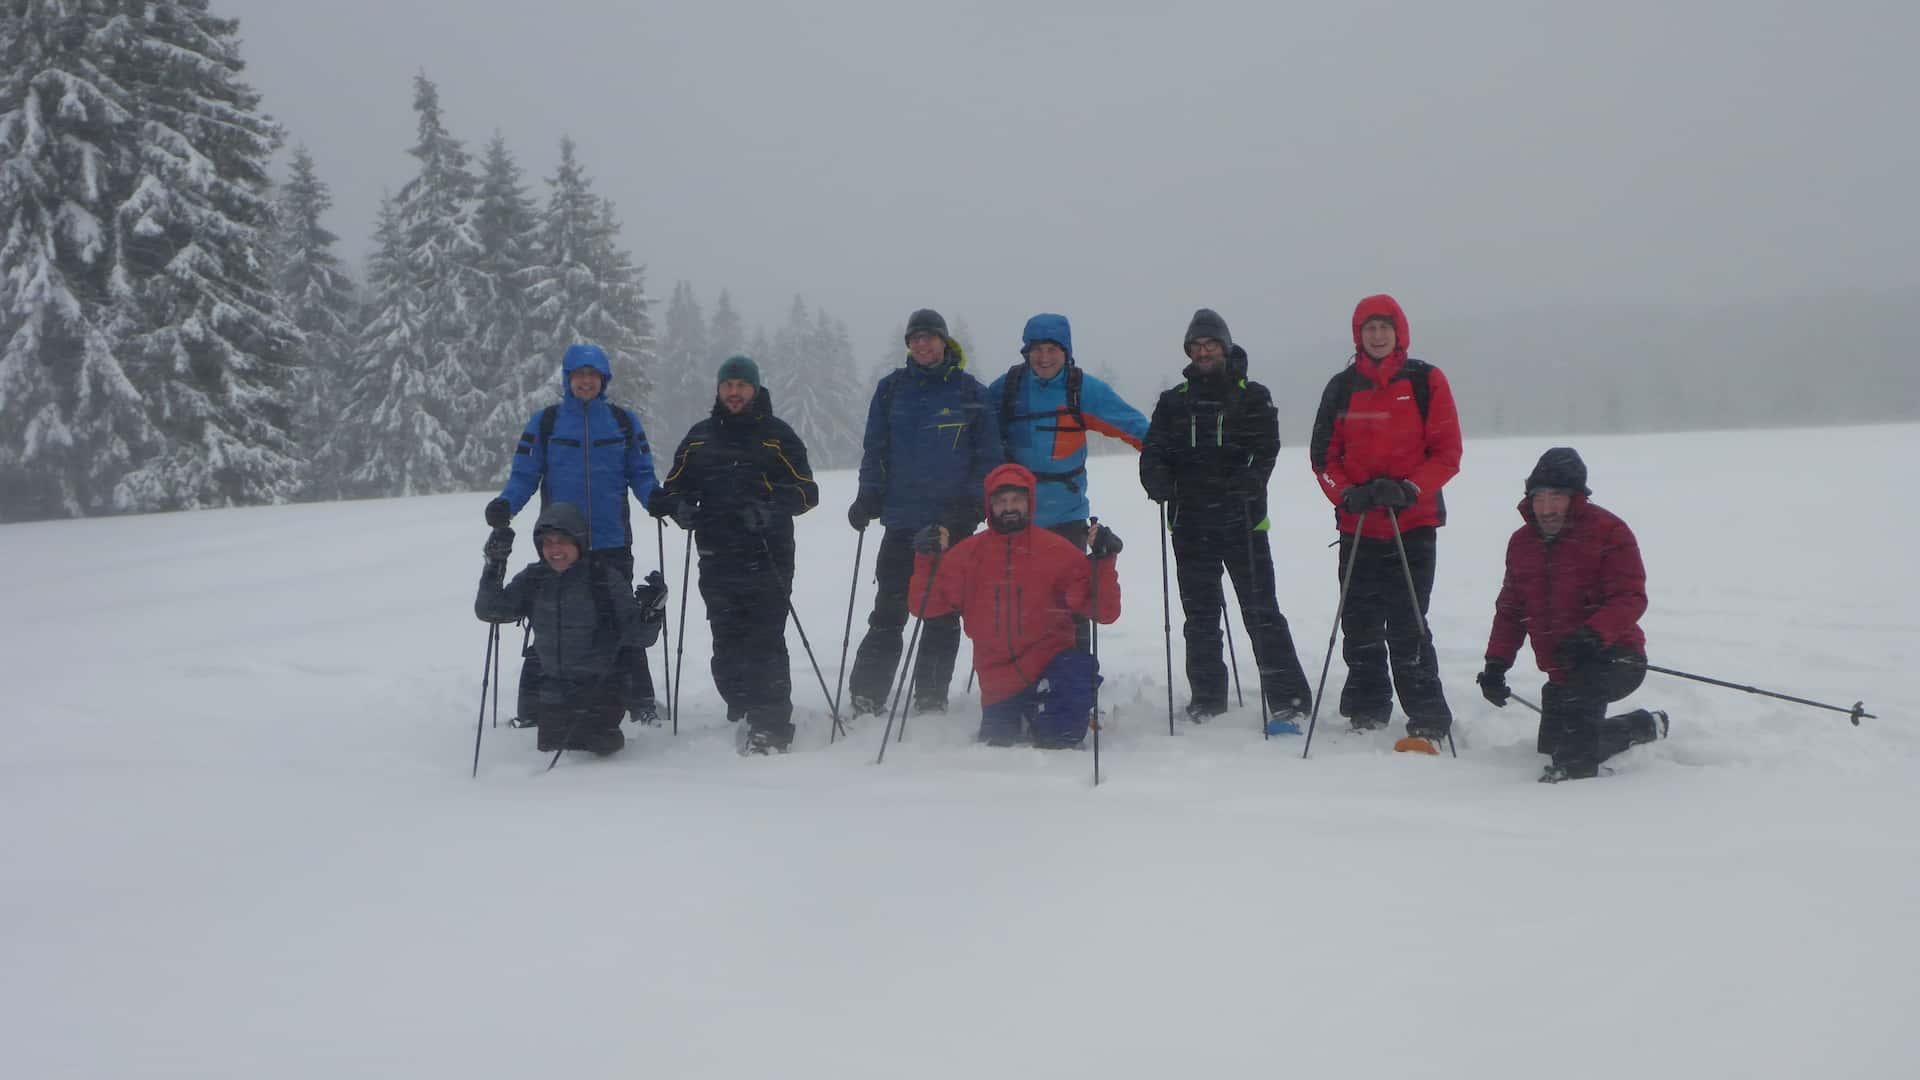 Schneeschuhwanderung am Feldberg